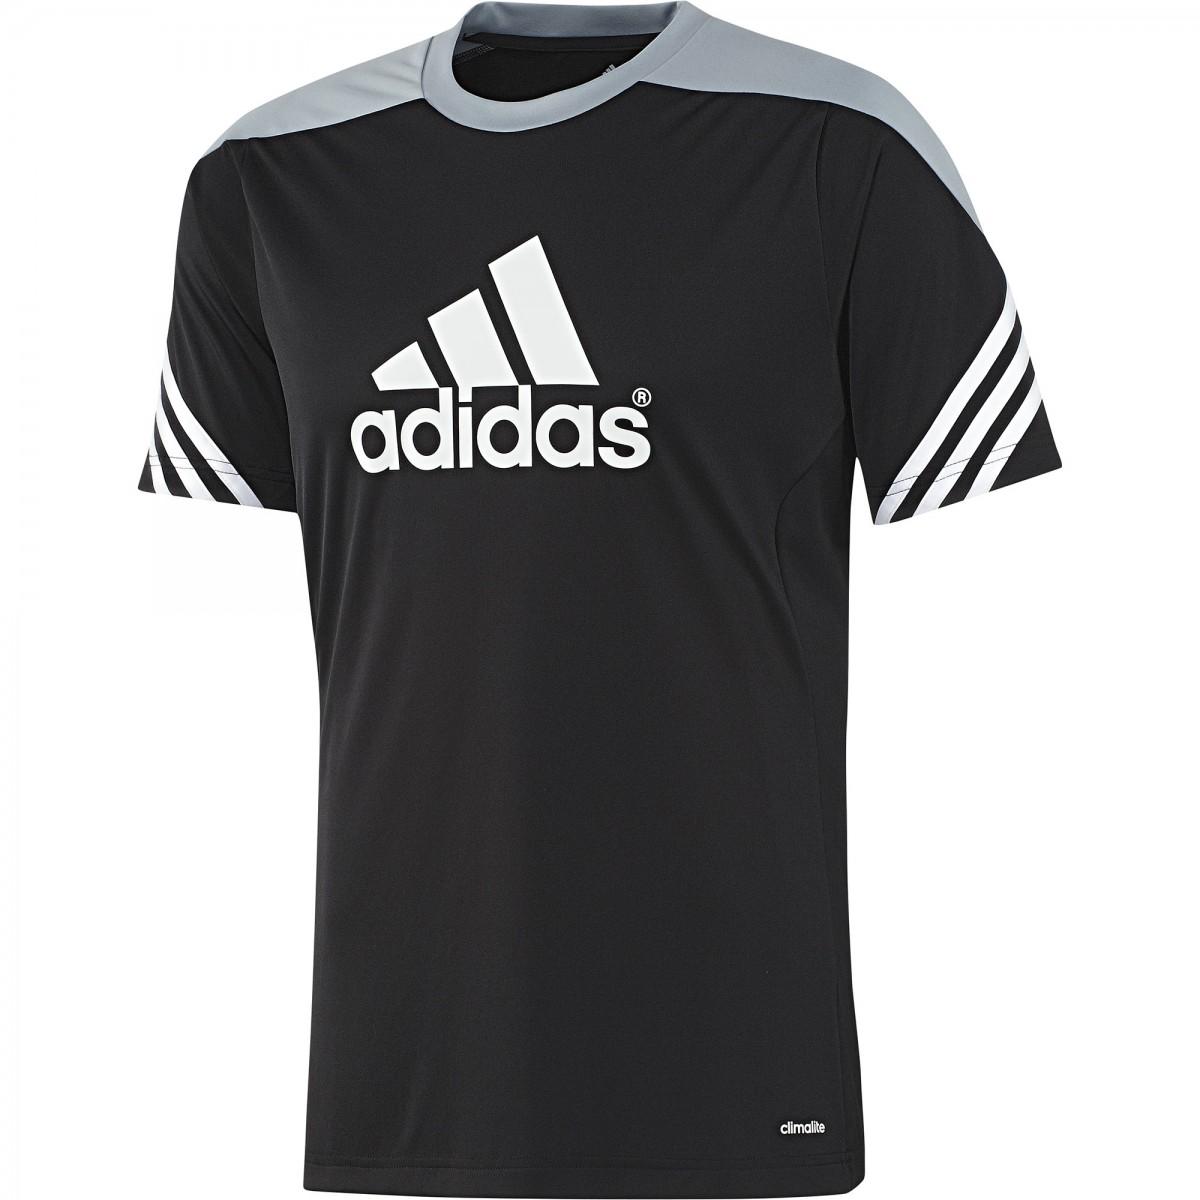 159647f0f3 Camiseta Adidas Treino Sere 14 F49700 - Preto - Calçados Online ...